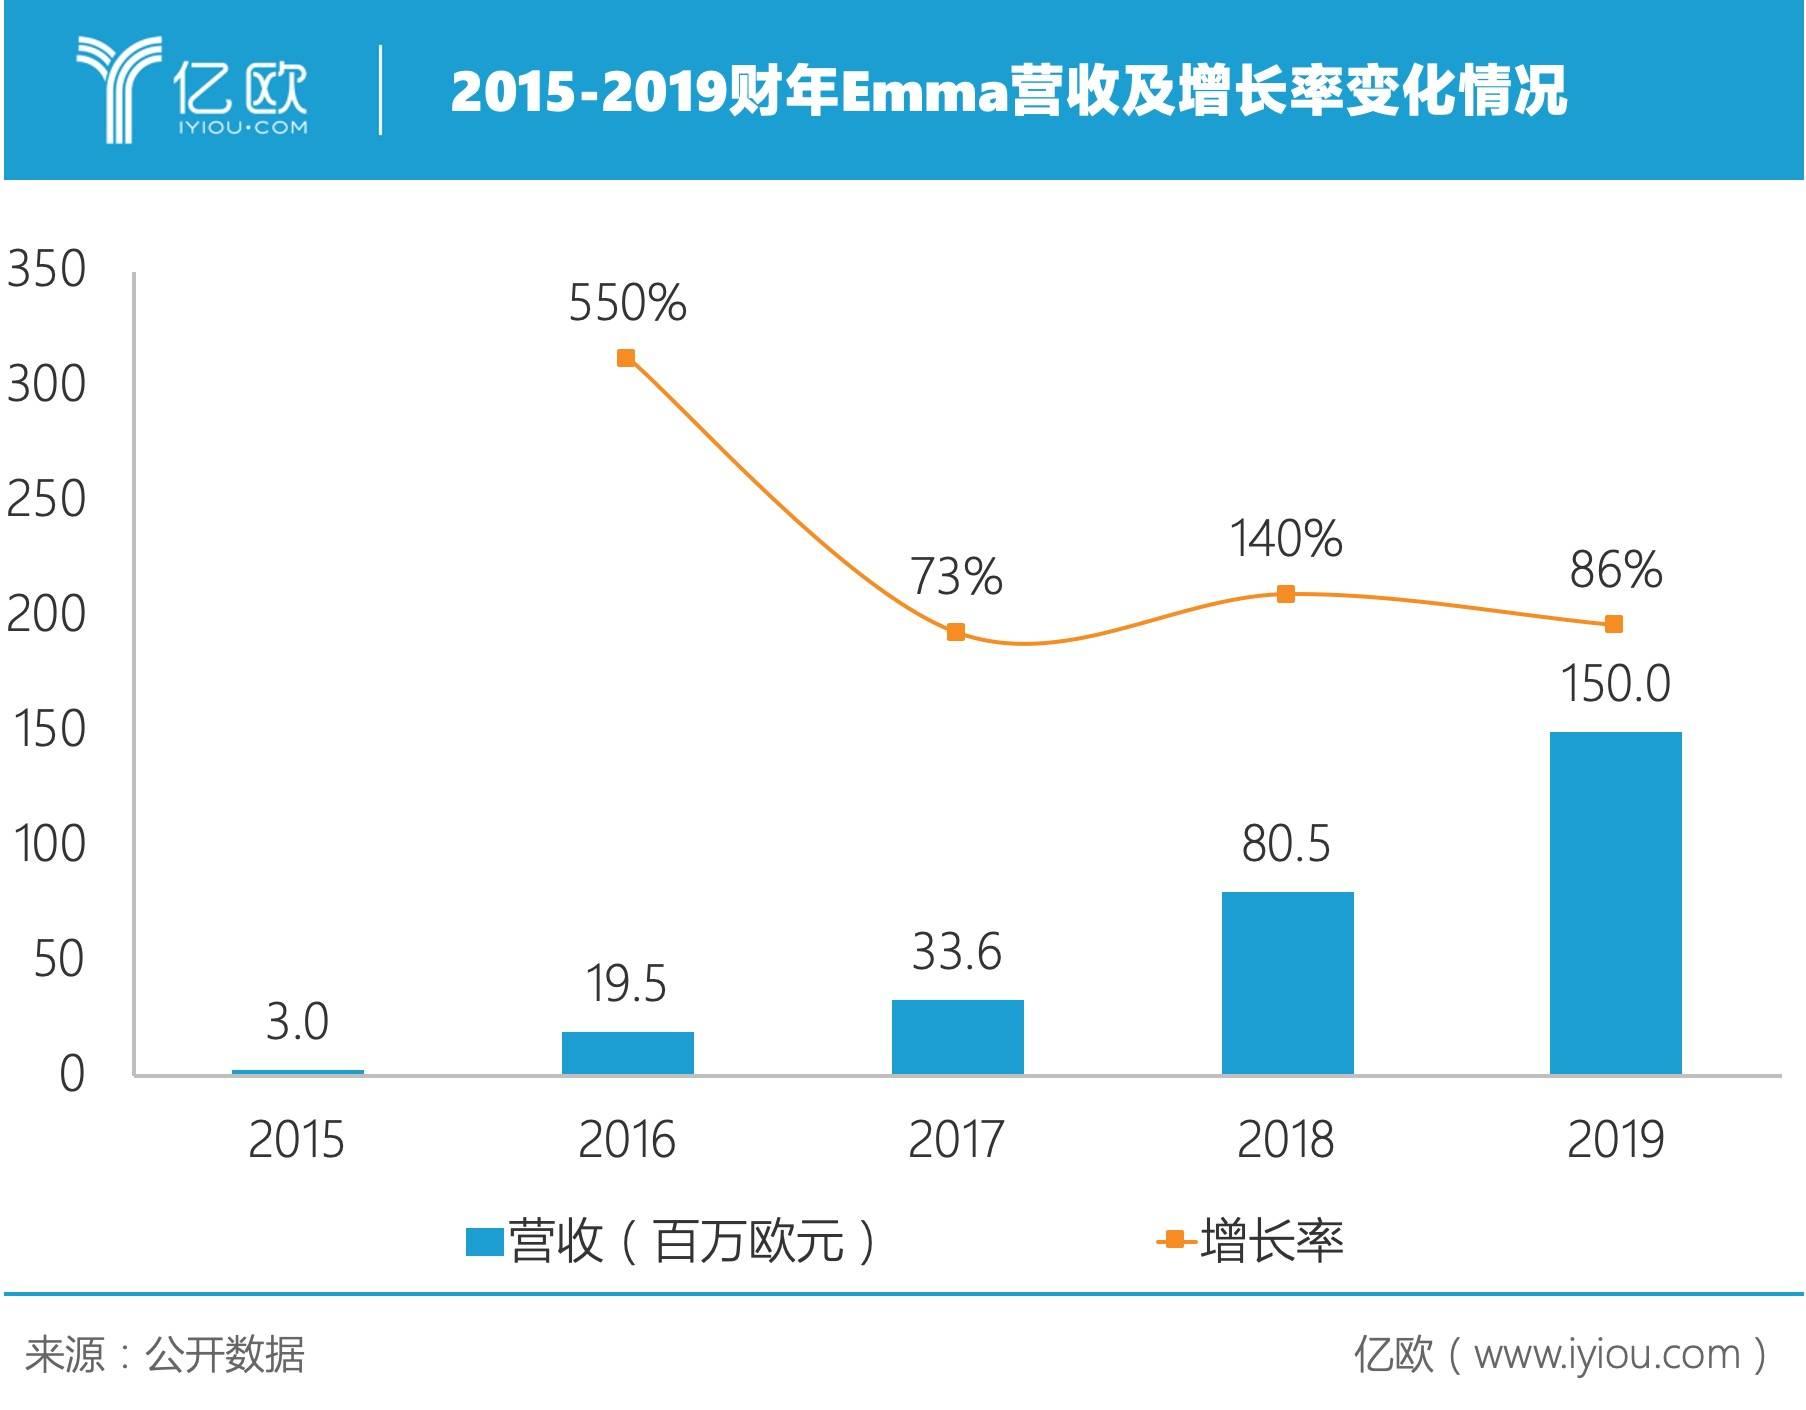 2015-2019财年Emma营收及增长率变化情况